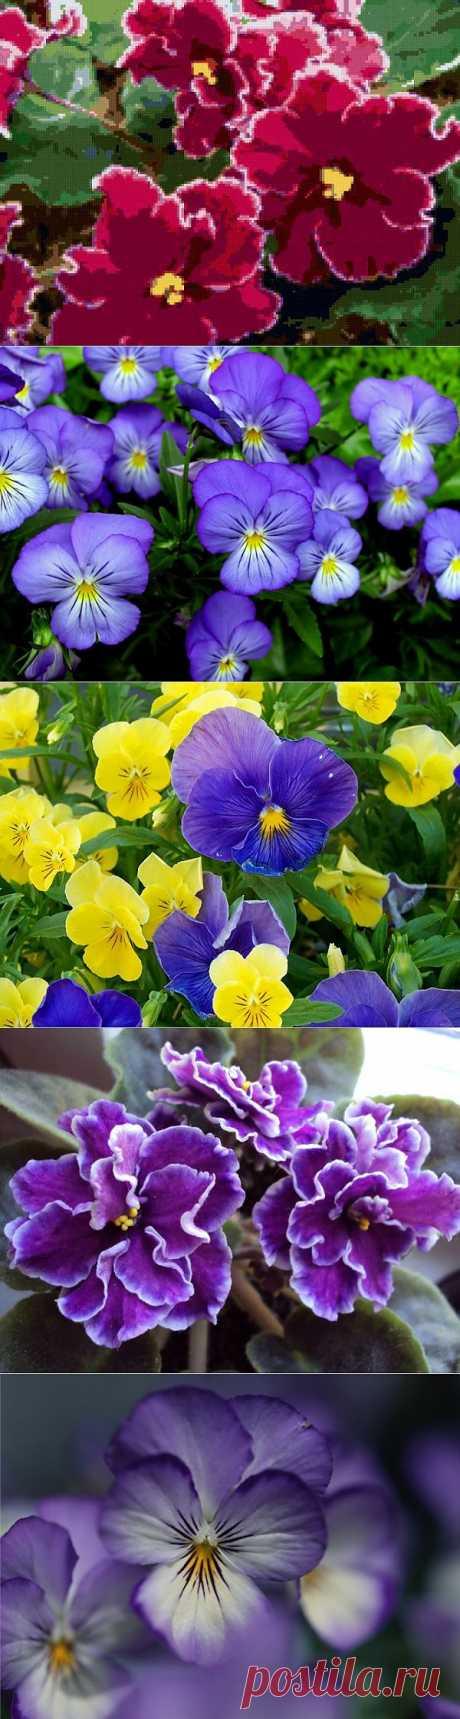 фото цветы фиалки: